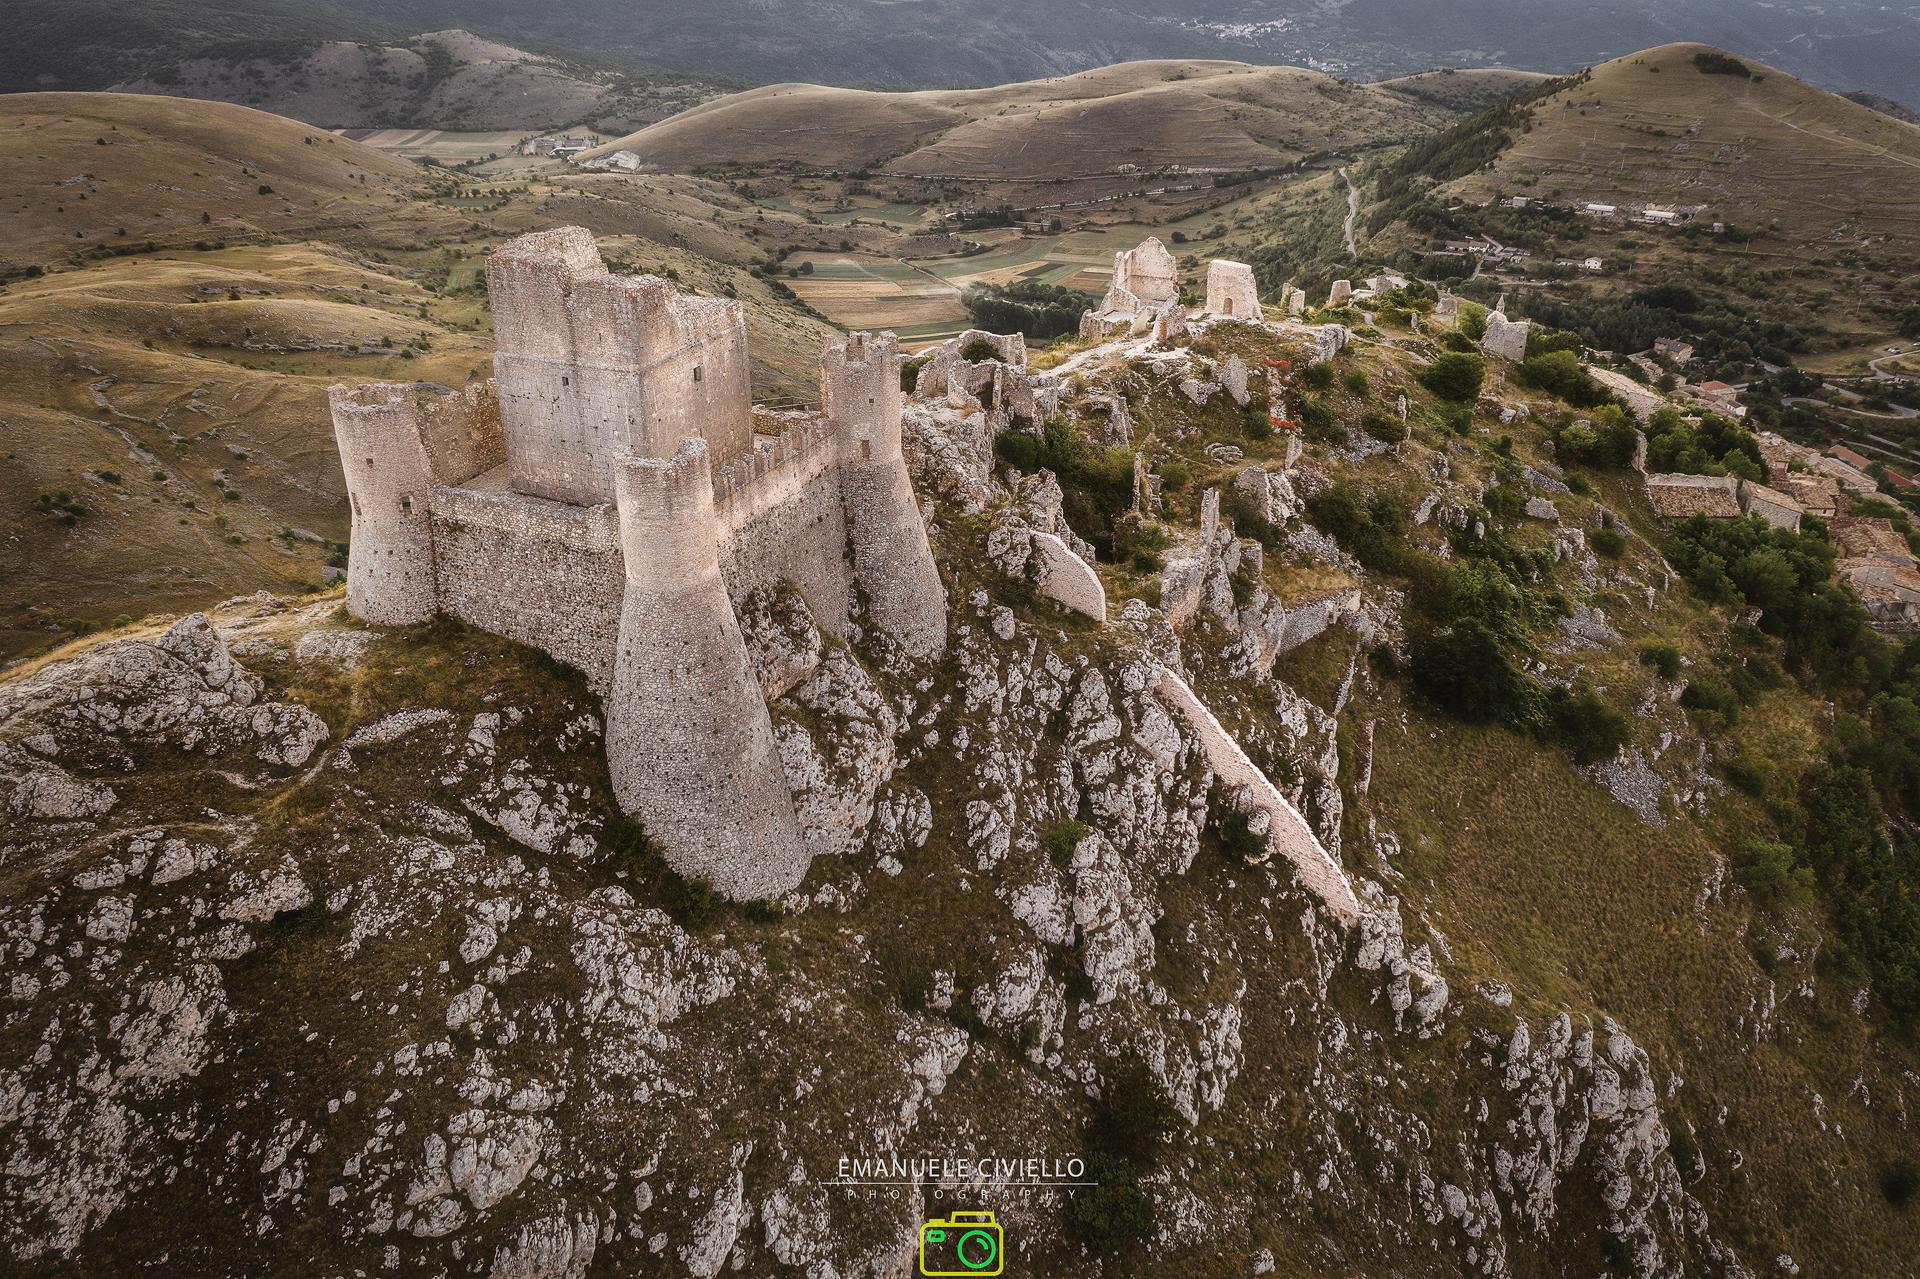 Rocca Calascio - Panoramica dall'alto foto di Emanuele Civiello